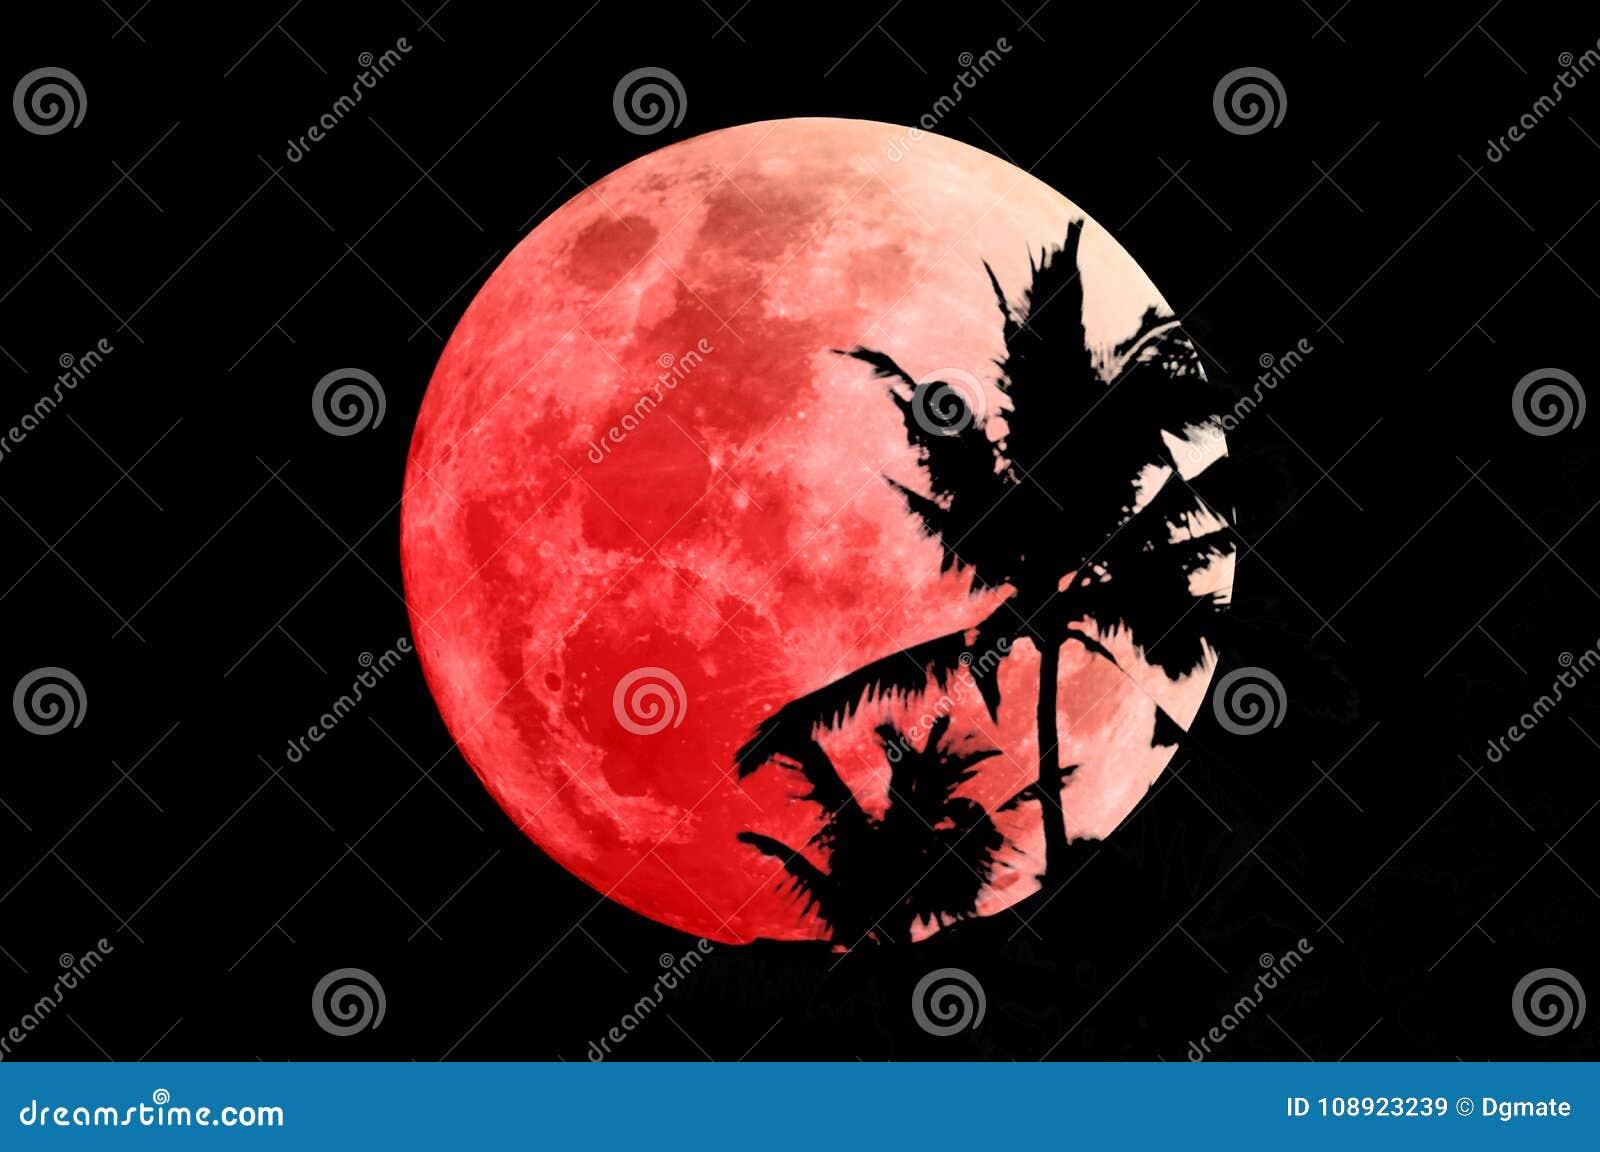 Sangre azul luna 31 de enero de 2018 estupendo